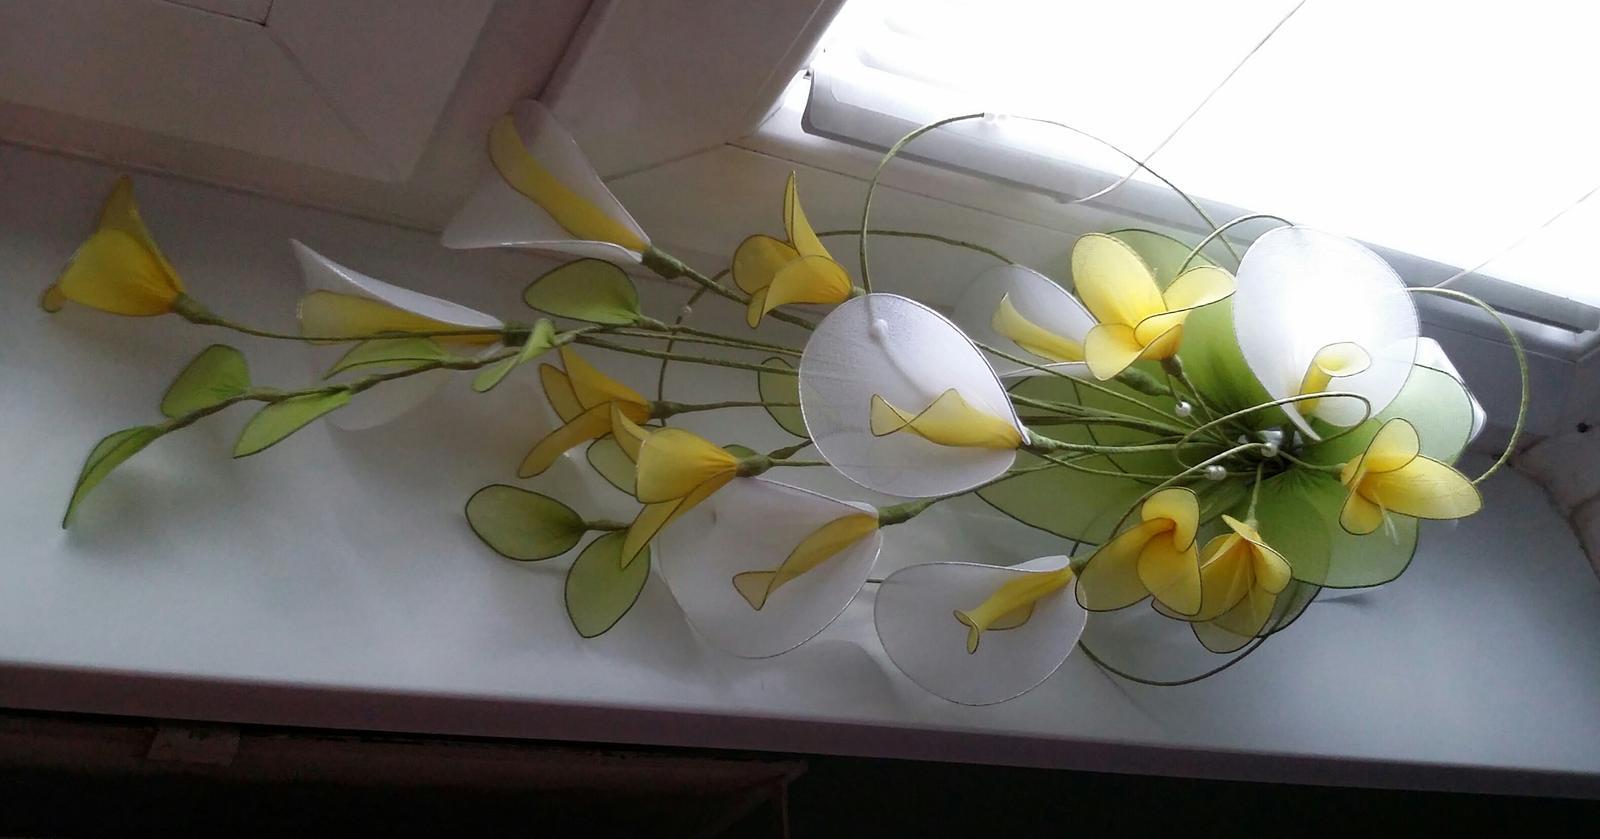 Svadobna kytica pre nevestu - Obrázok č. 1